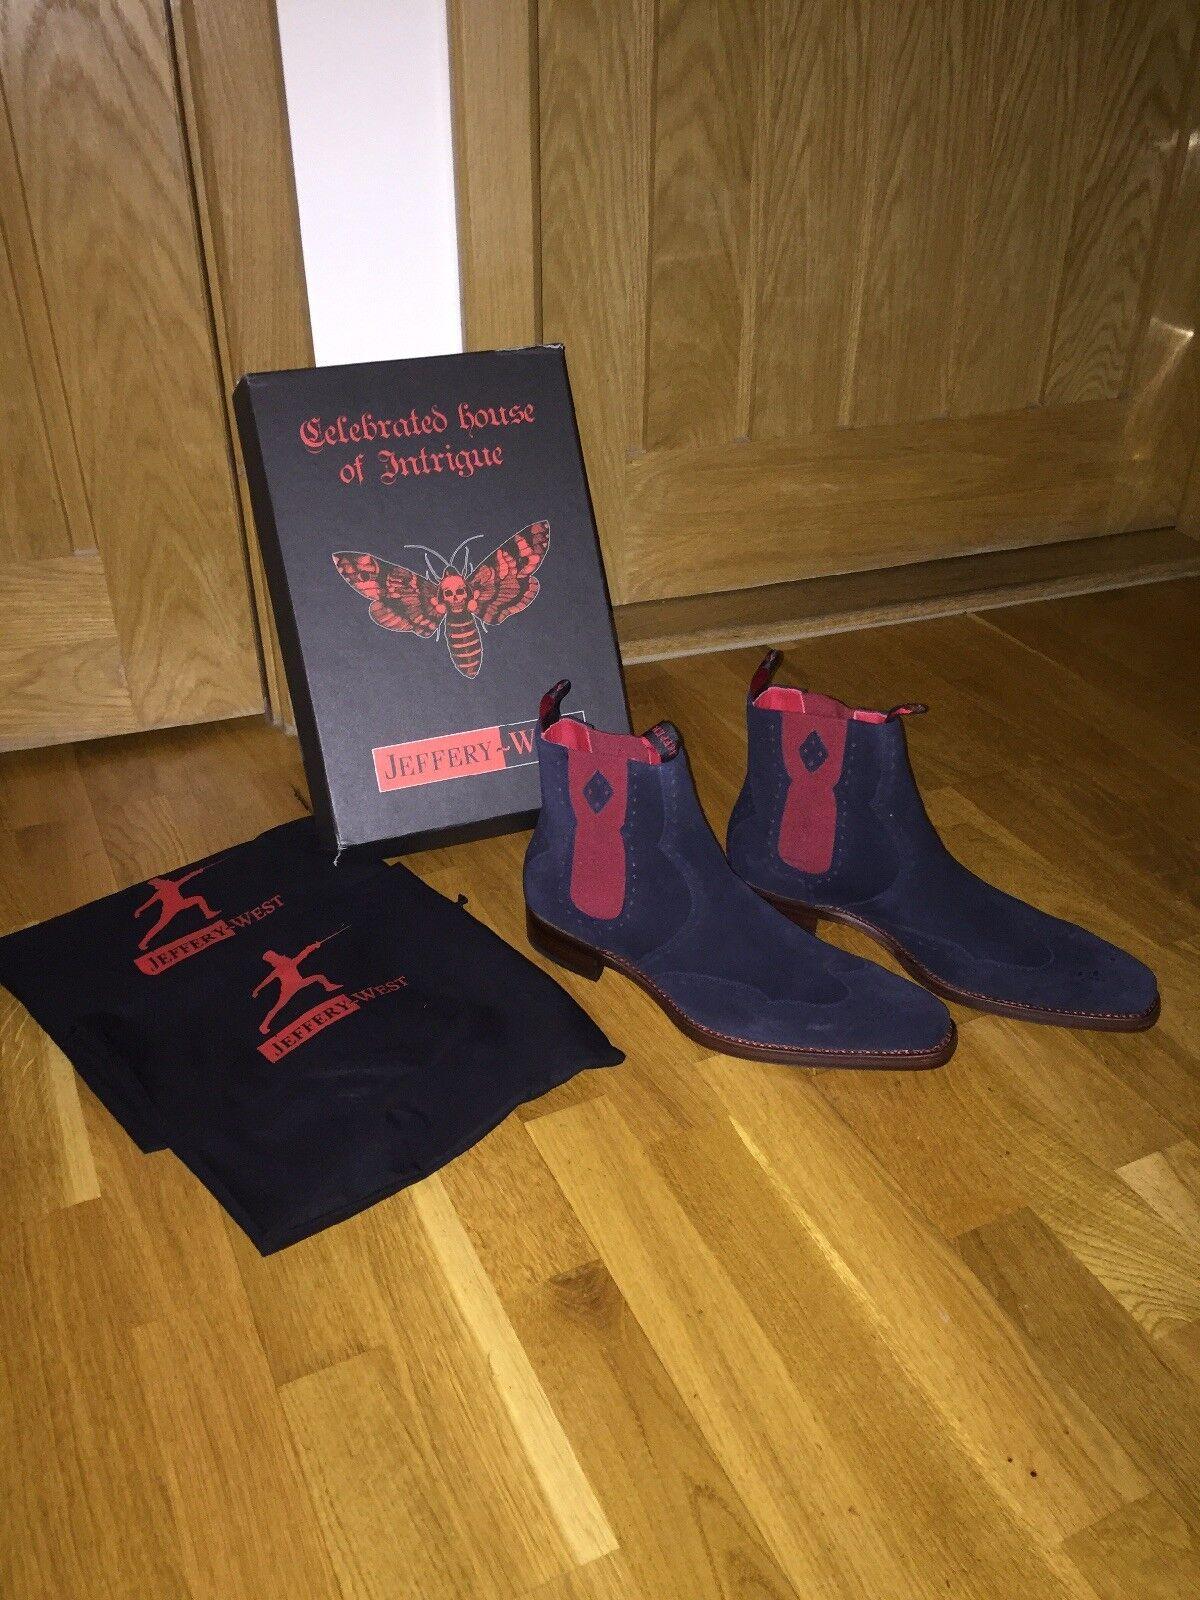 JEFFREY West Dexter NOVIKOV Stivali Chelsea in pelle scamosciata colore colore colore navy taglia EUR 43 e63314